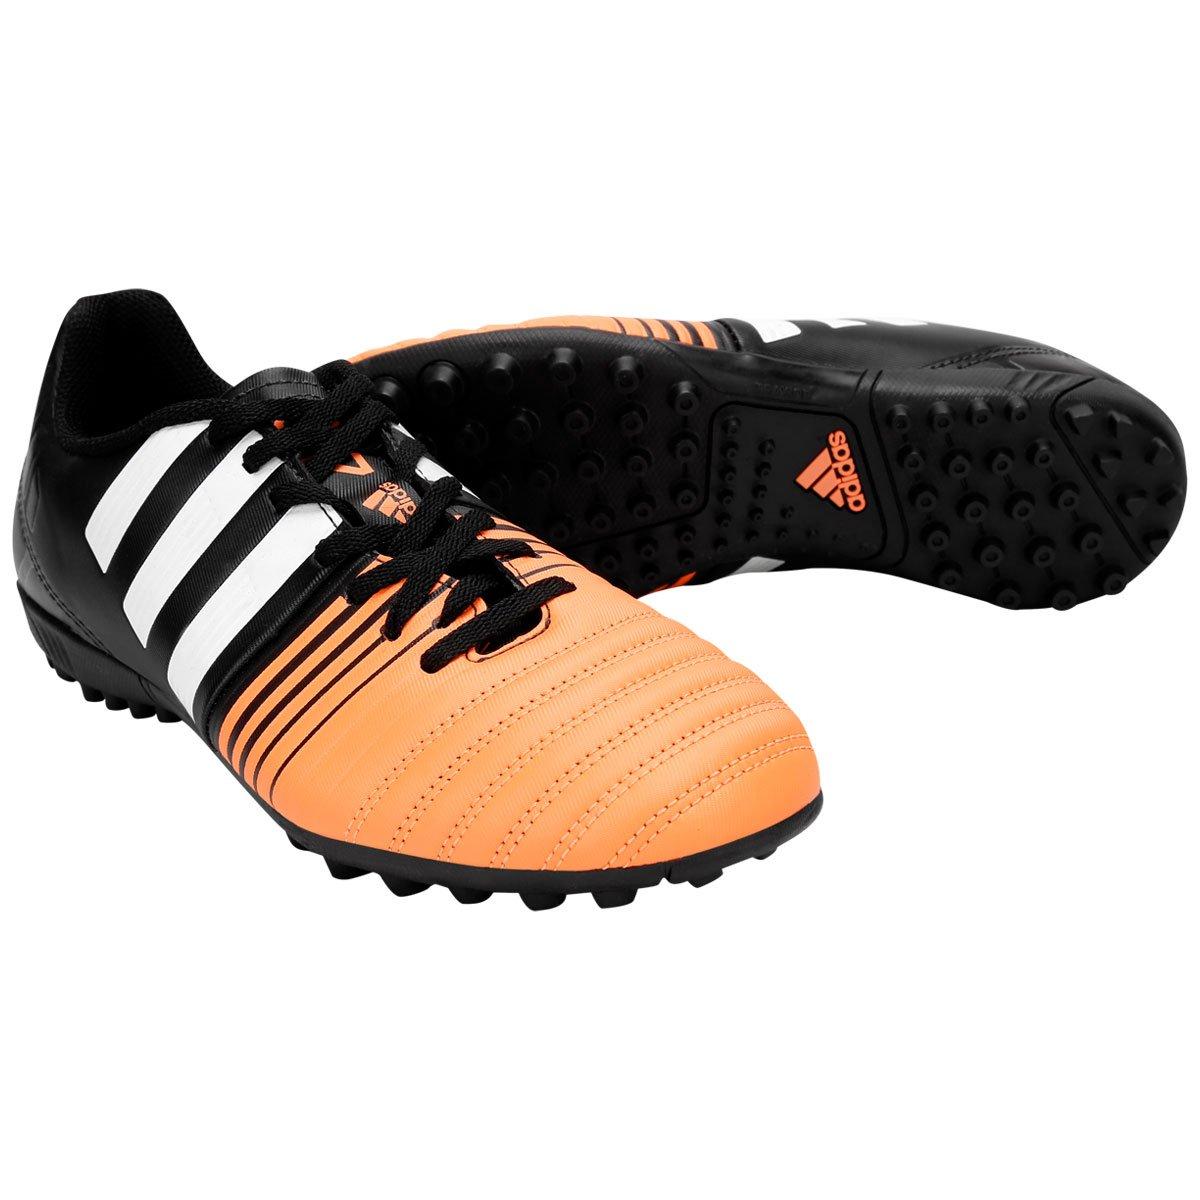 Chuteira Adidas Nitrocharge 4.0 TF Society - Compre Agora  3a97e7d2dd2ca